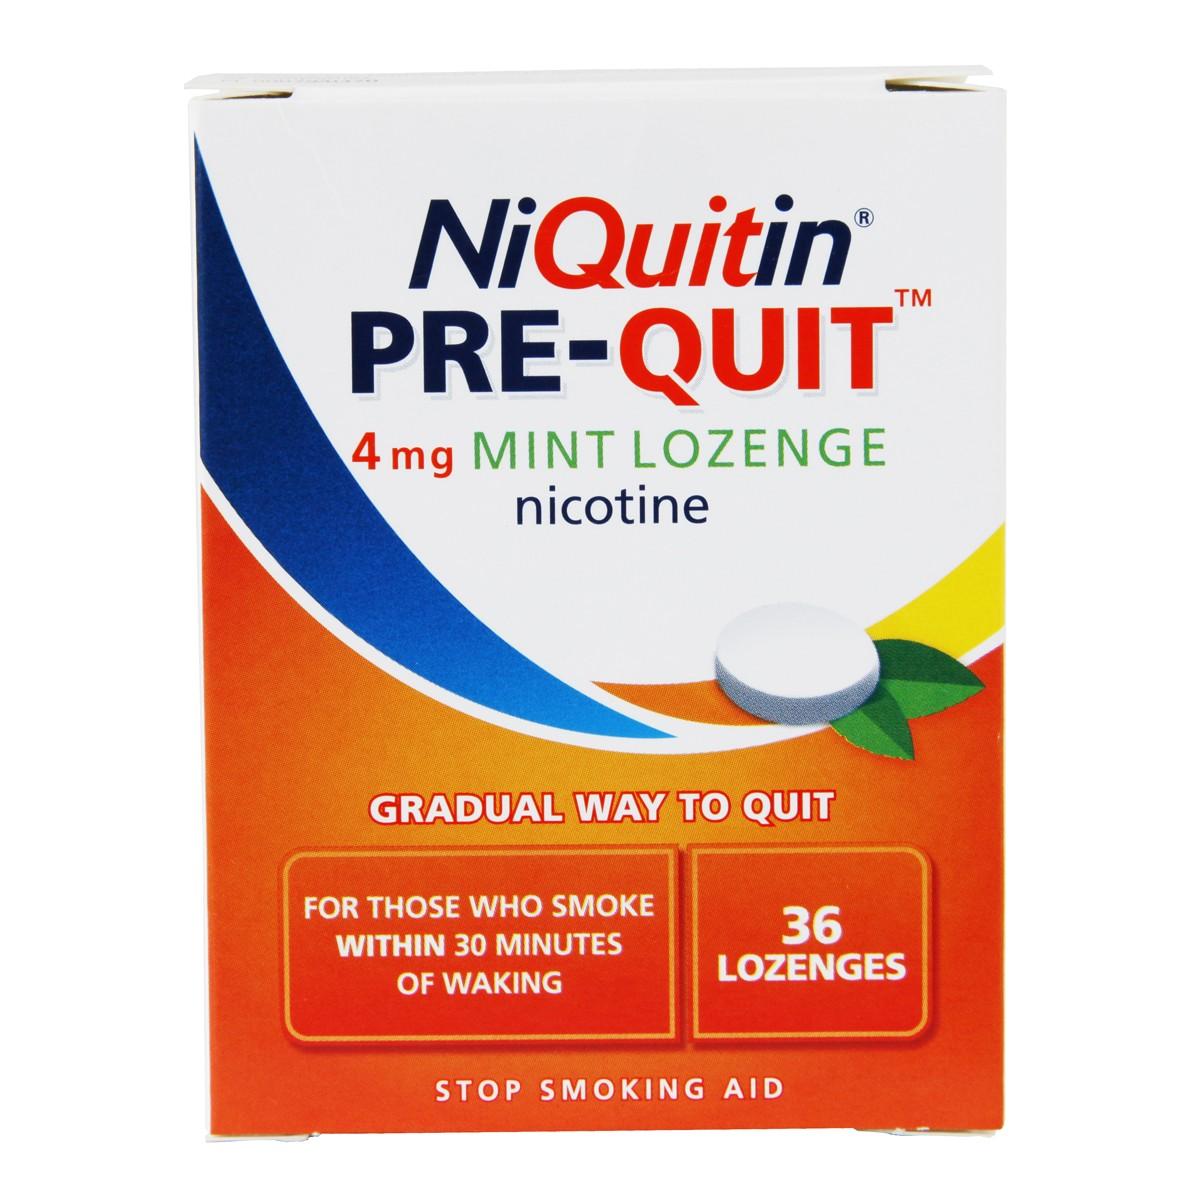 Niquitin Pre-Quit Mint Lozenges 4mg